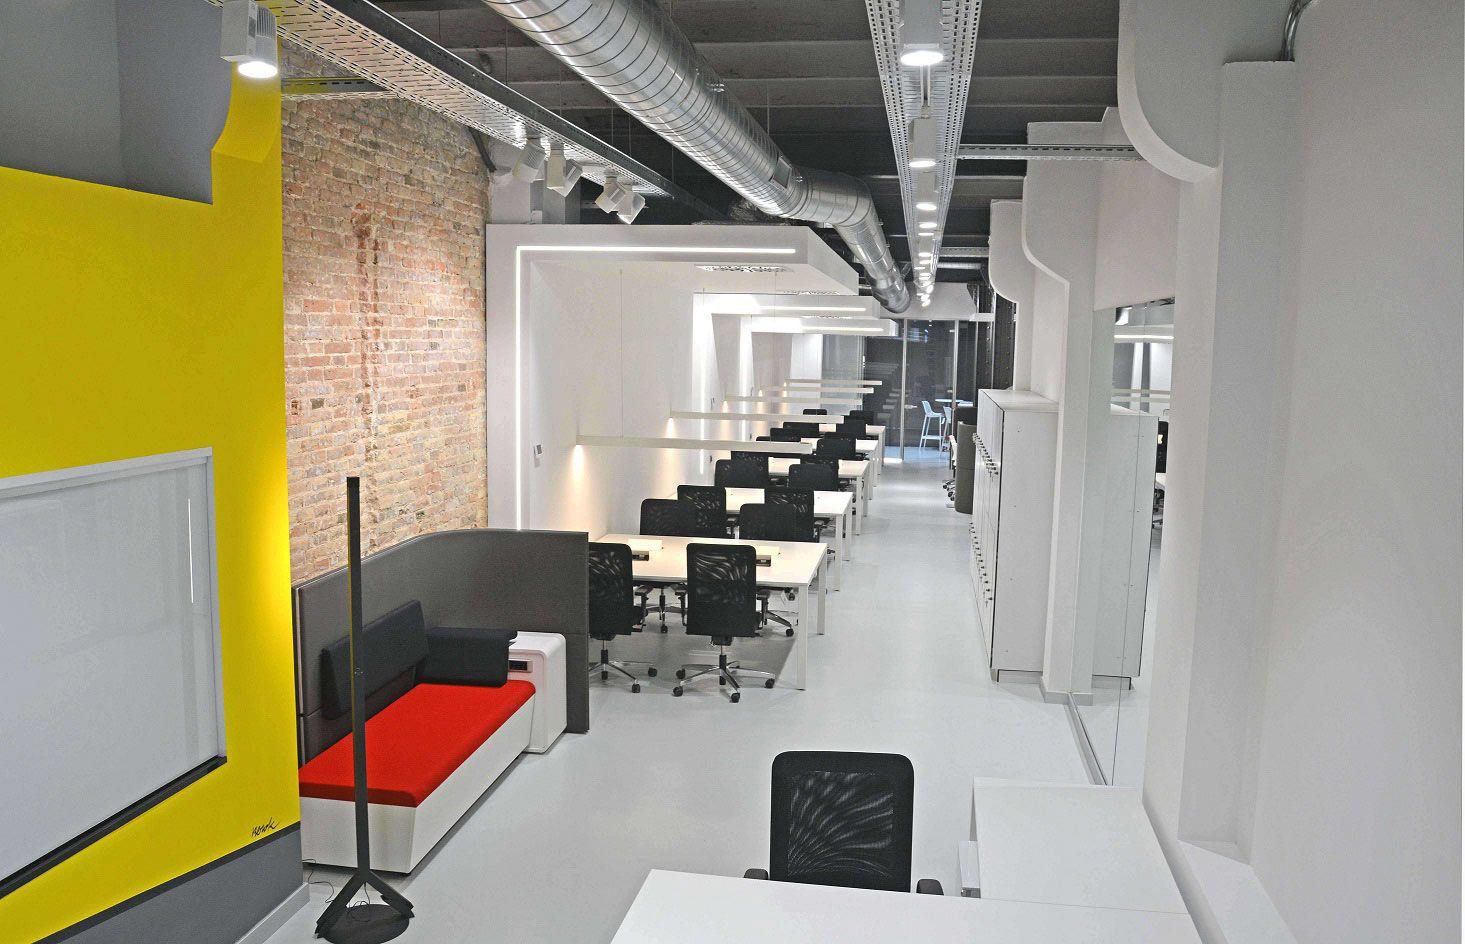 Reformas de oficinas en barcelona prodeca barcelona for Reformas oficinas barcelona